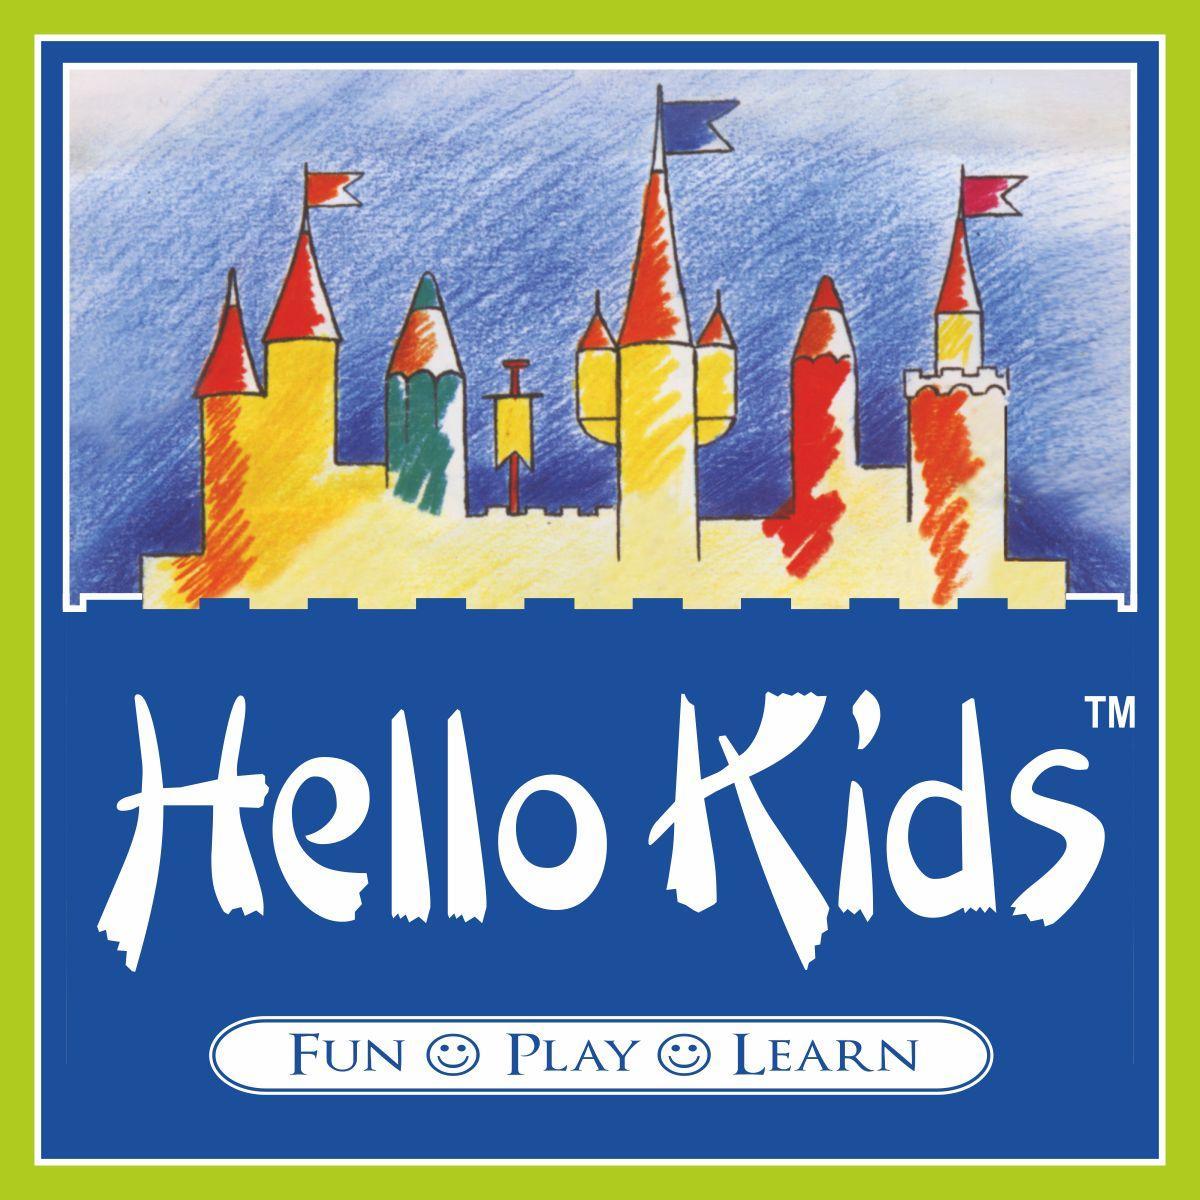 Hello Kids-Vyomi, Hello Kids-Vyomi